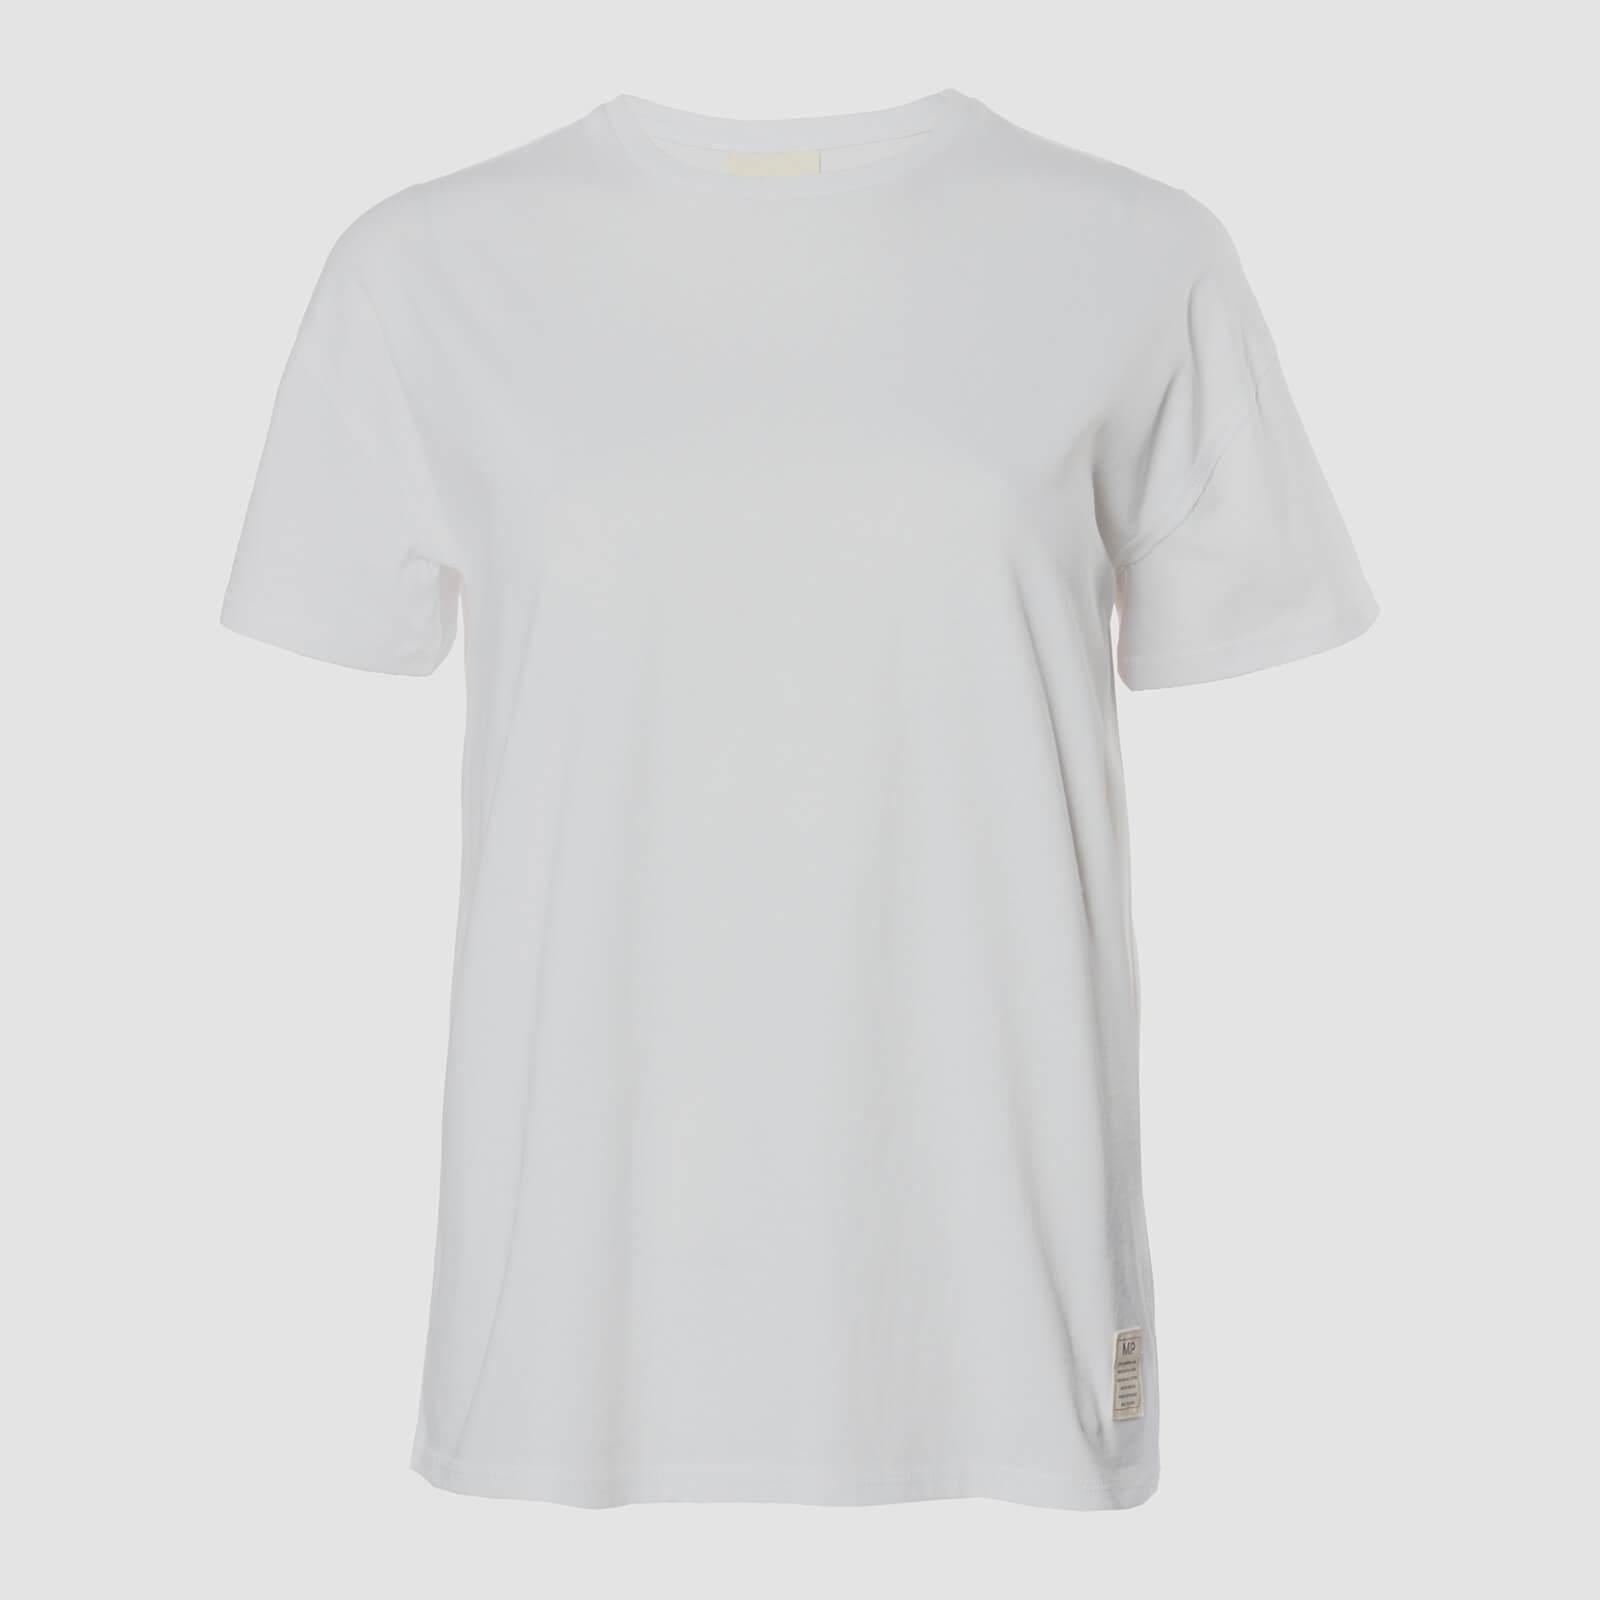 MP A/WEAR T-Paita - Valkoinen - XL